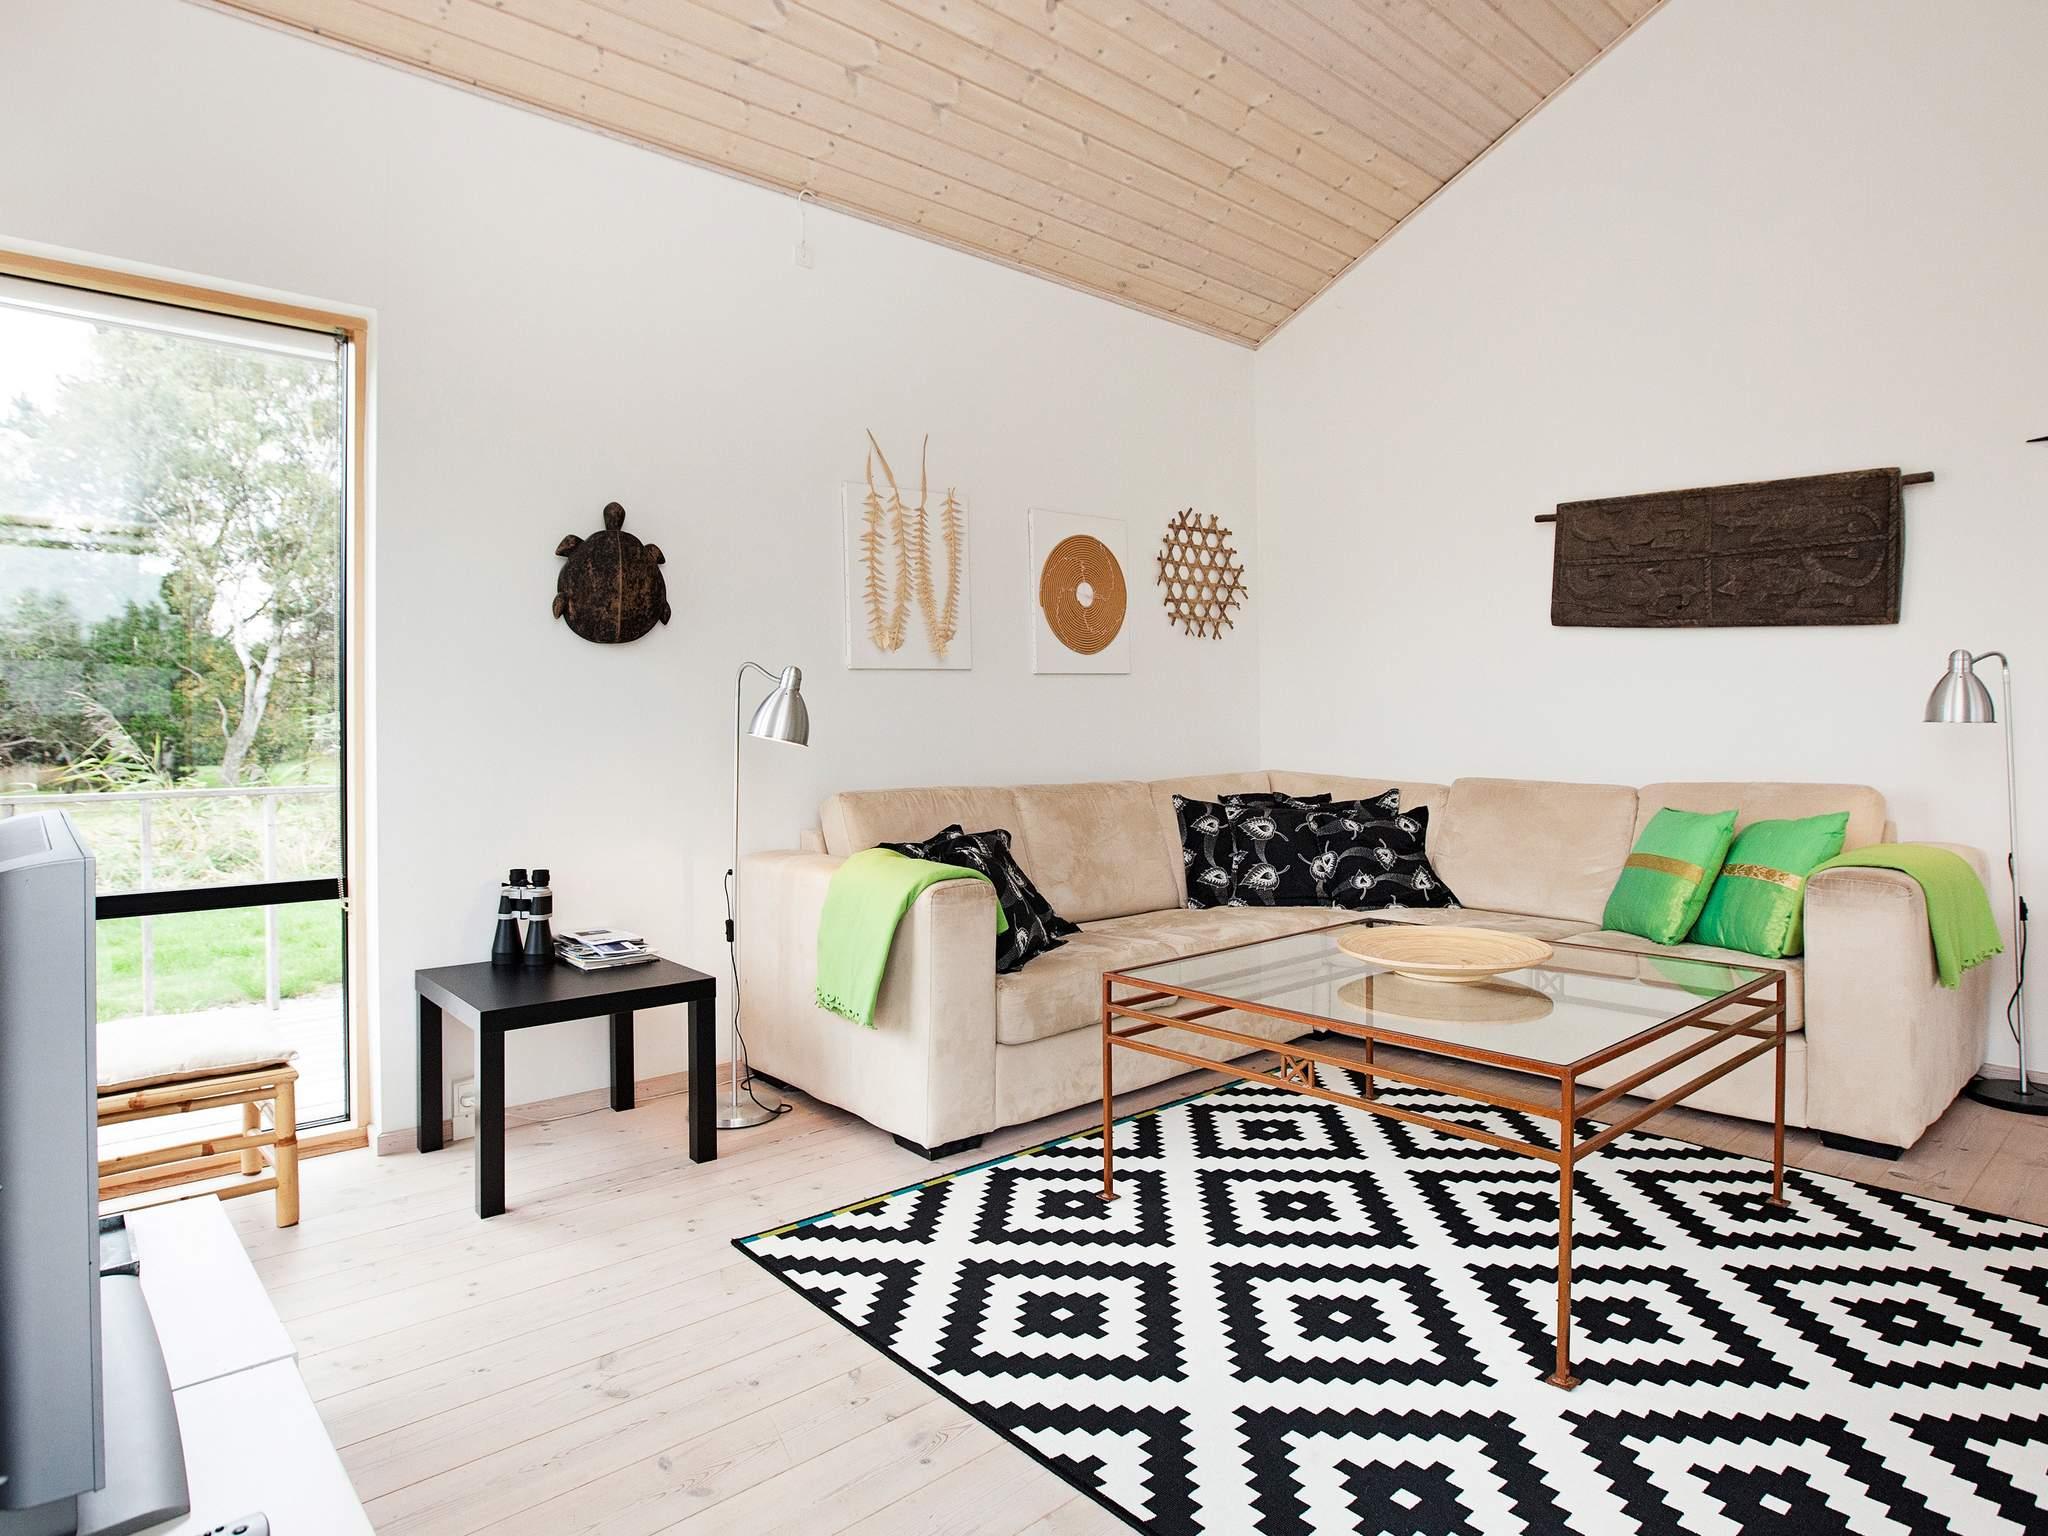 Ferienhaus Ulvshale (216908), Stege, , Møn, Dänemark, Bild 3